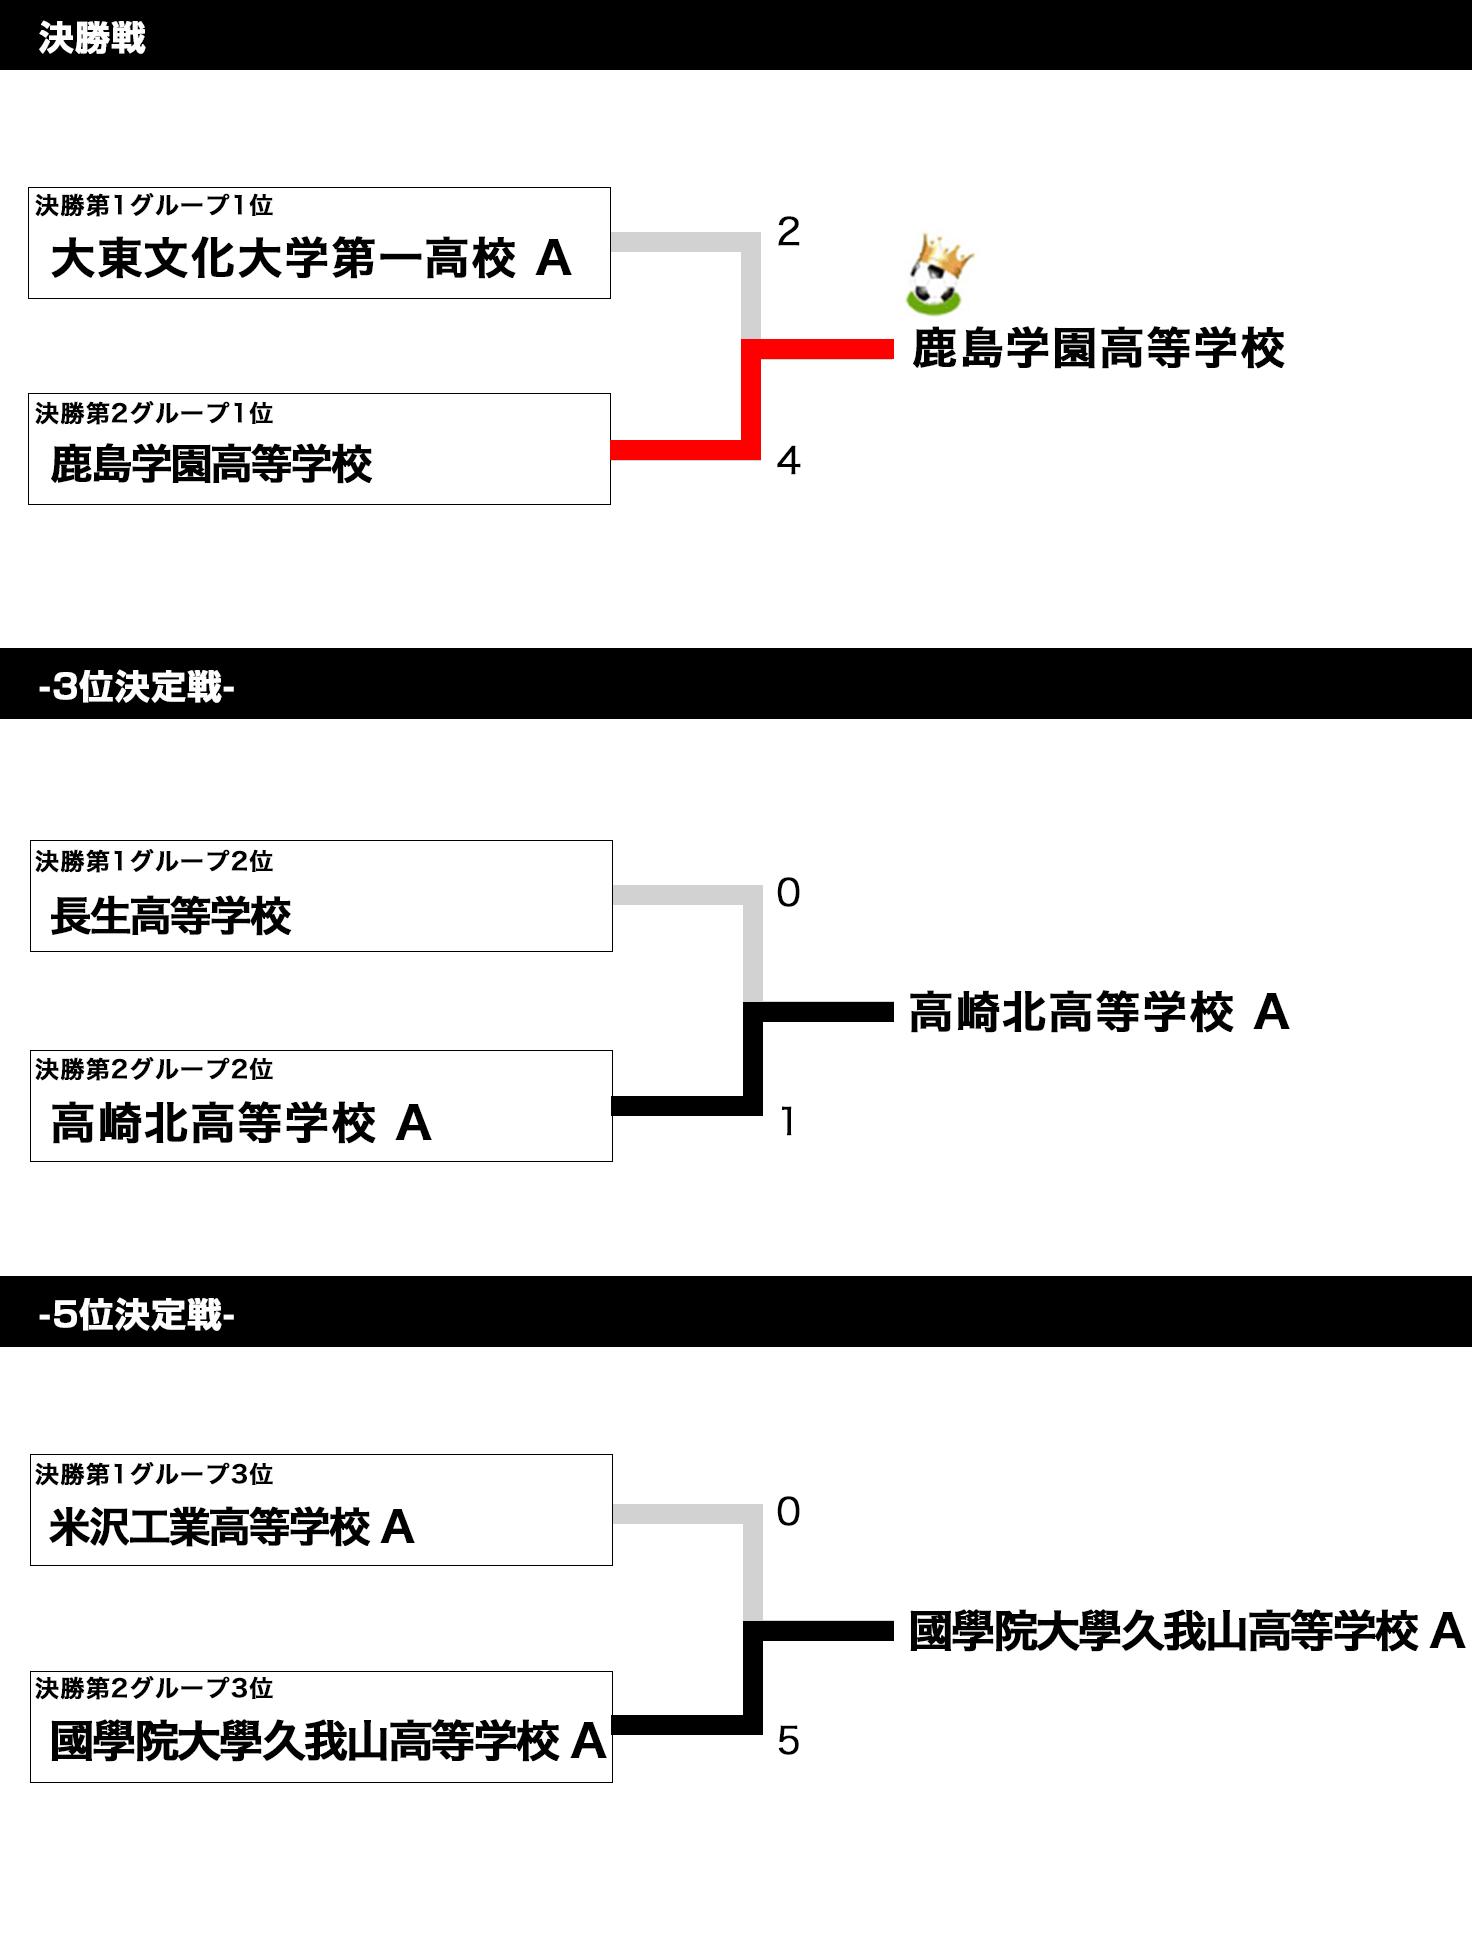 全国ユース新人戦 ステージ2 in 波崎 Div1 トーナメント表